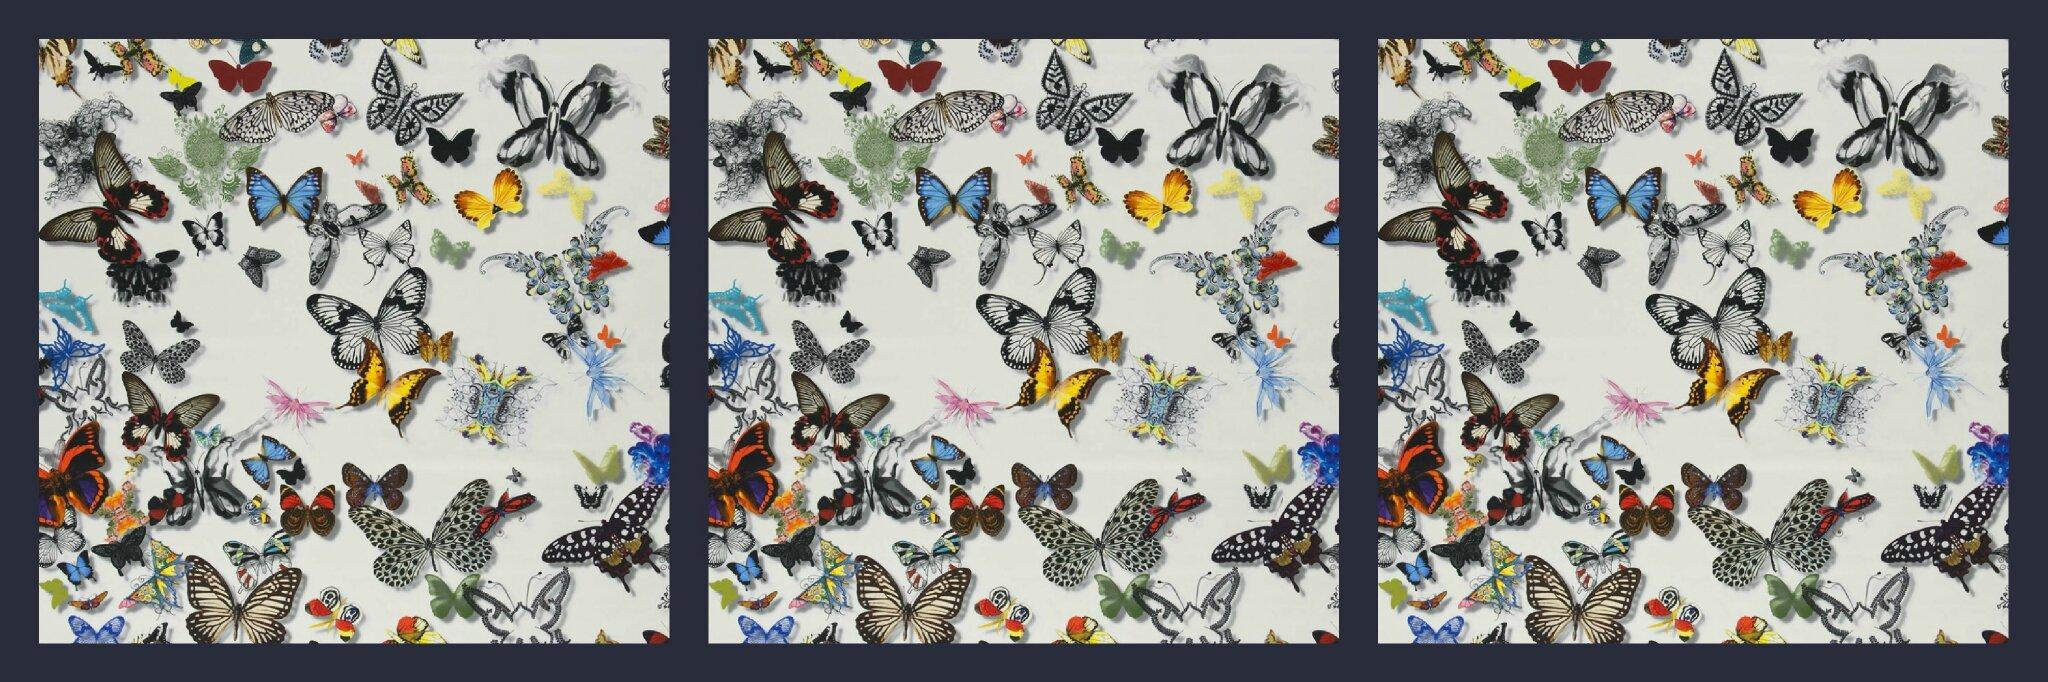 La parade des papillons